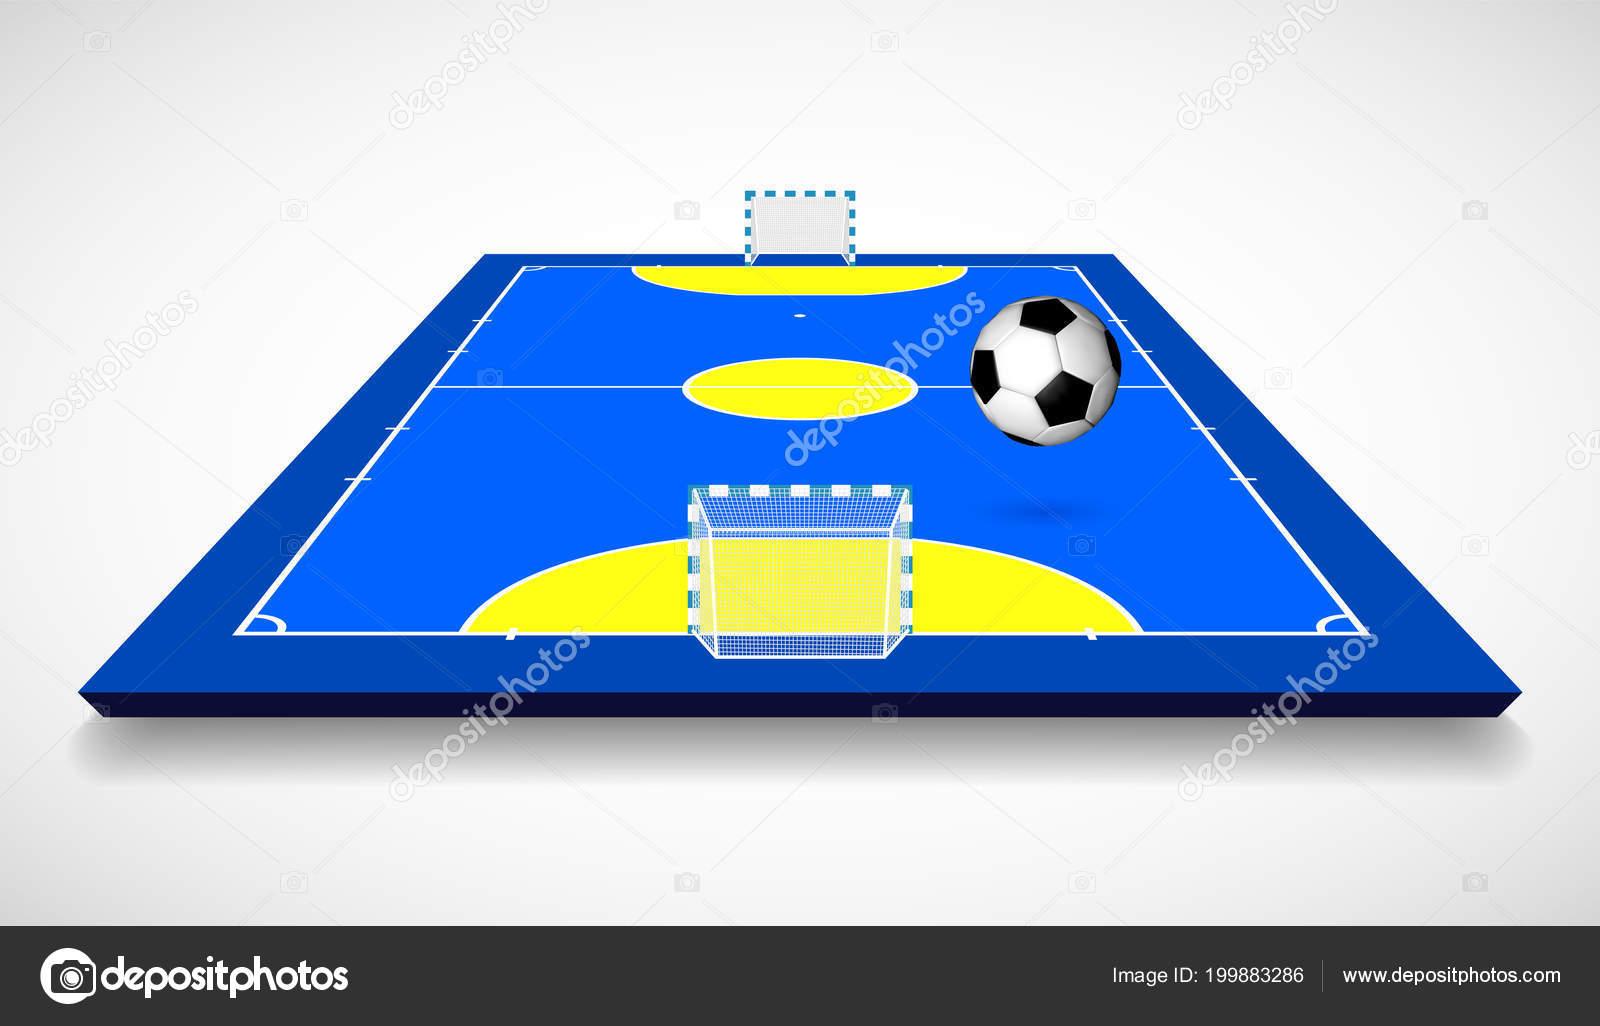 Tribunal Futsal Campo Com Ilustração Vetor Vista Perspectiva Bola — Vetores de  Stock 45f332dd7b885